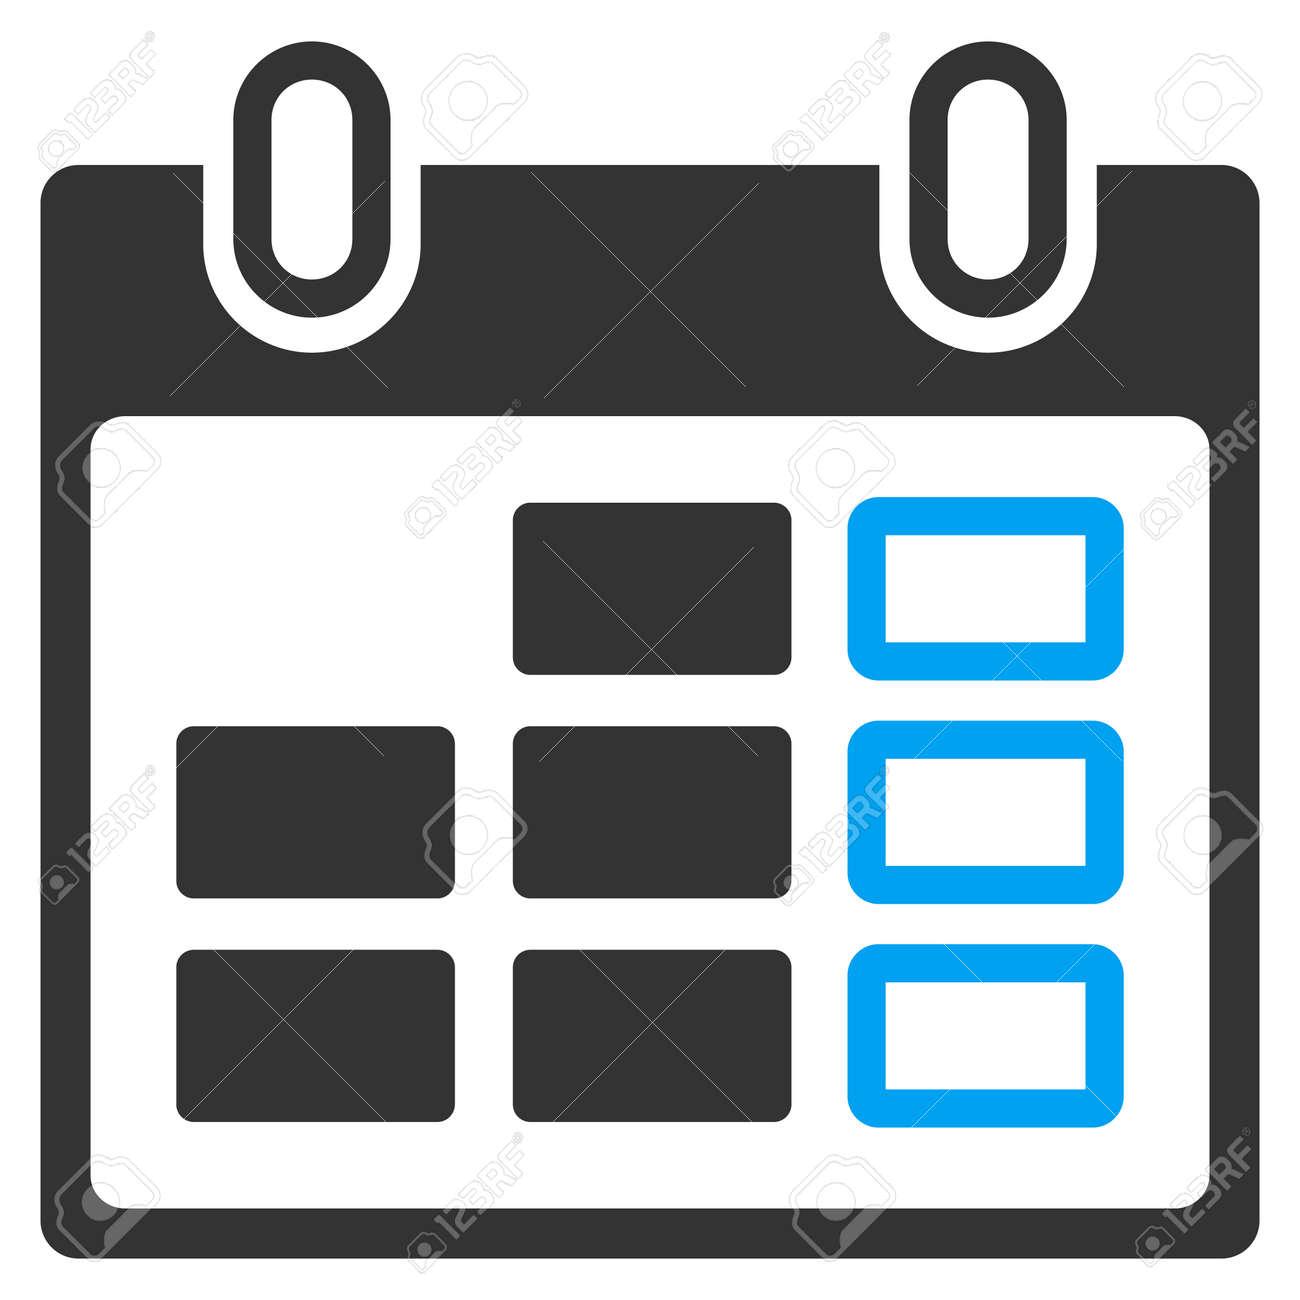 Calendario Icona.Settimana Di Calendario Vettore Icona Lo Stile E Simbolo Piatta Bicolore I Colori Blu E Grigio Angoli Arrotondati Sfondo Bianco